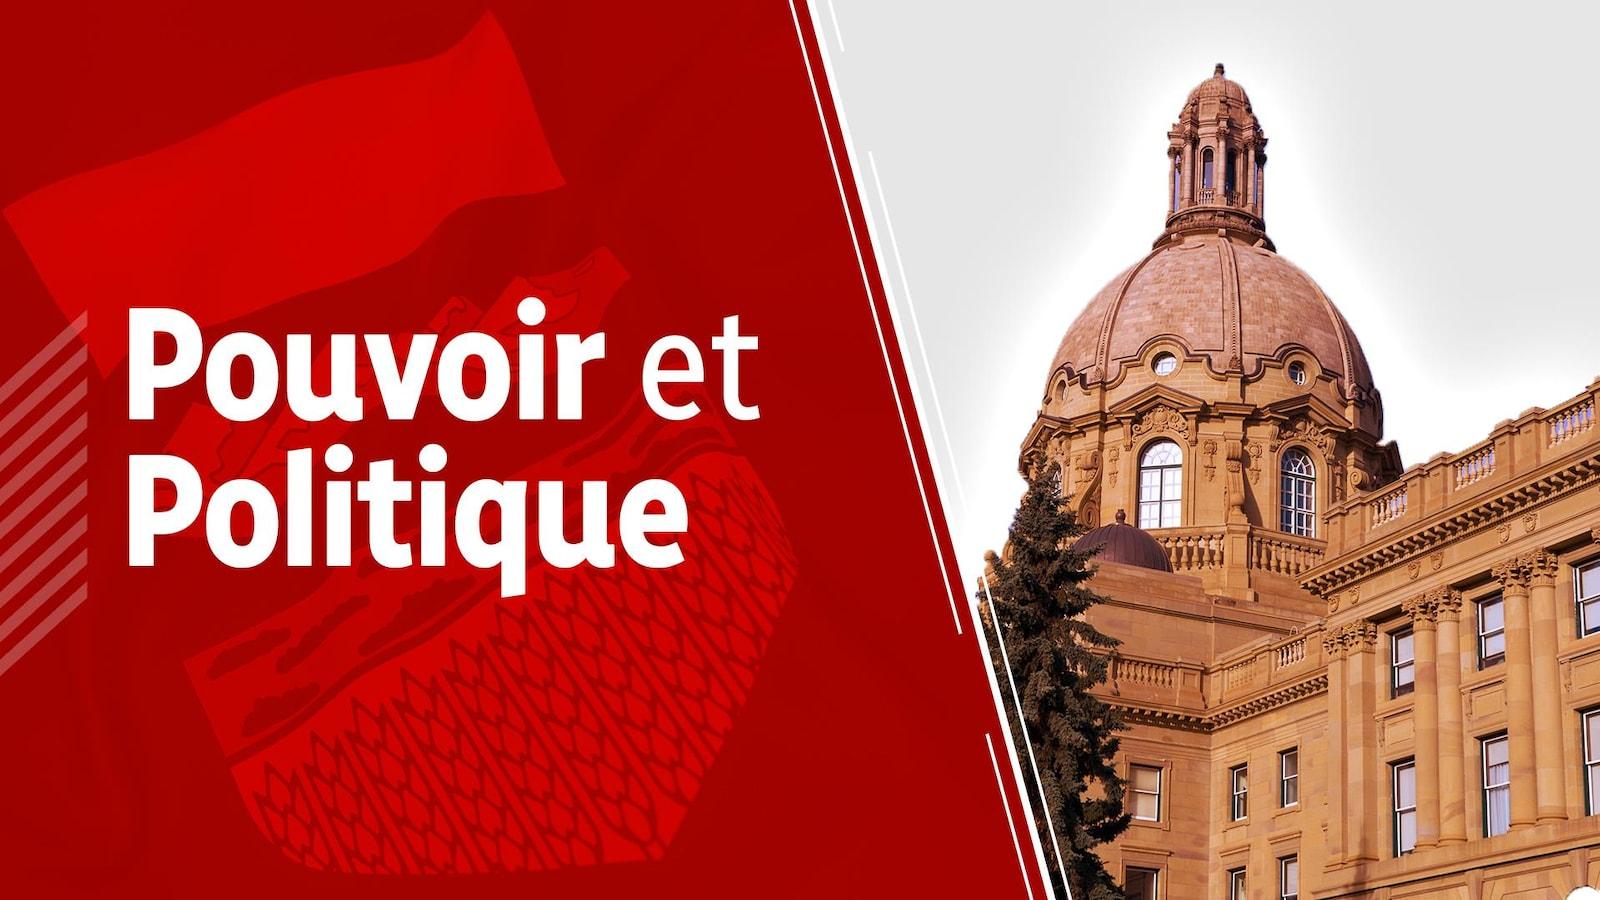 À gauche, Pouvoir et politique inscrit sur un fond rouge. À droite, le bâtiment principal de l'Assemblée législative de l'Alberta.